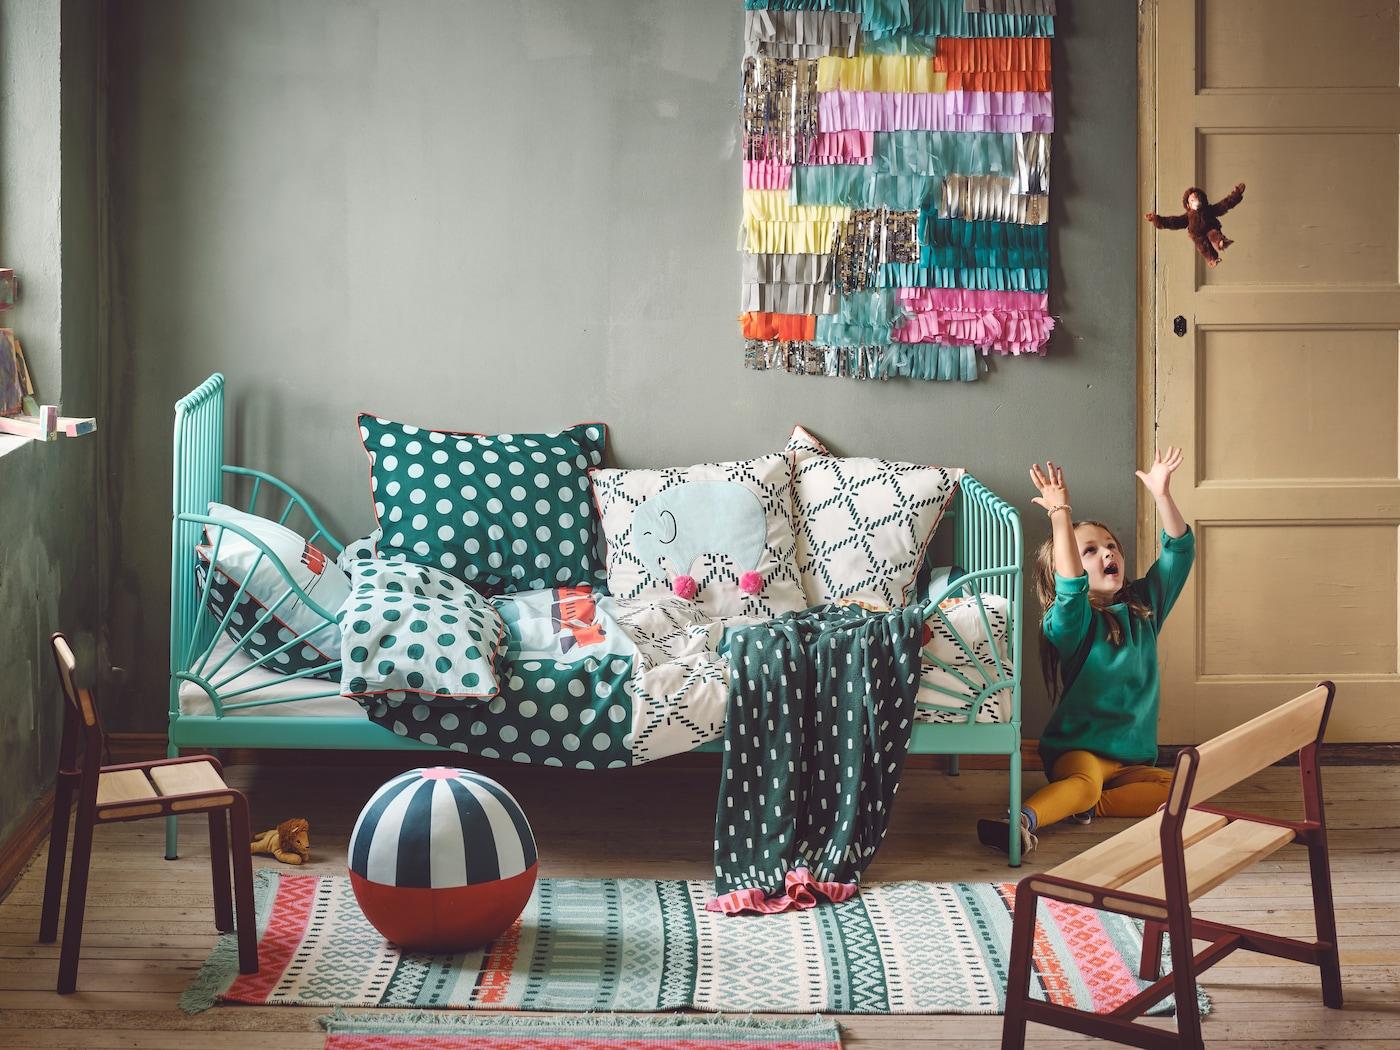 Verspieltes Scandi Boho Kinderzimmer mit einem grünen Bett an der Rückwand und vielen Textilien darauf. Kleine Teppiche und Kuscheltiere liegen auf dem Boden.